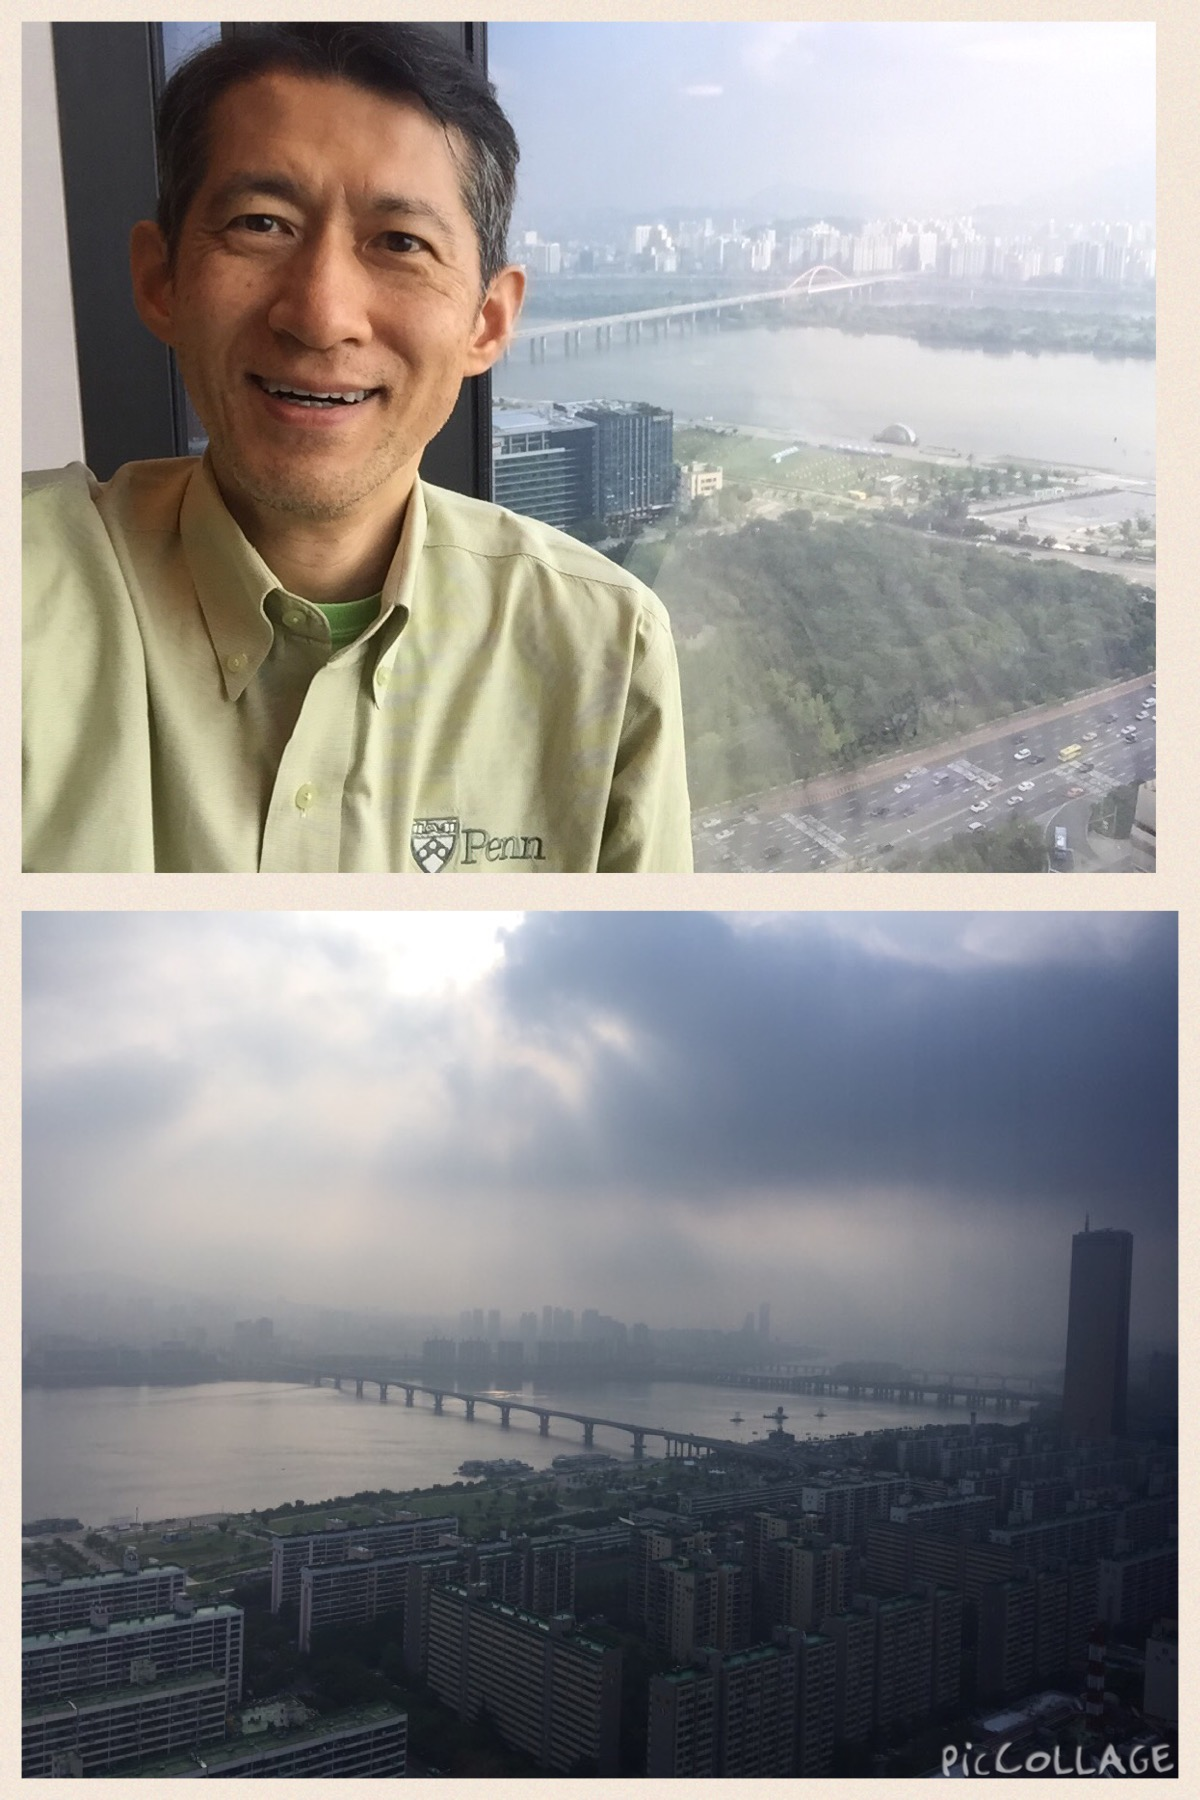 ソウルConrad客室からの景色と幹夫写真 (1).JPG